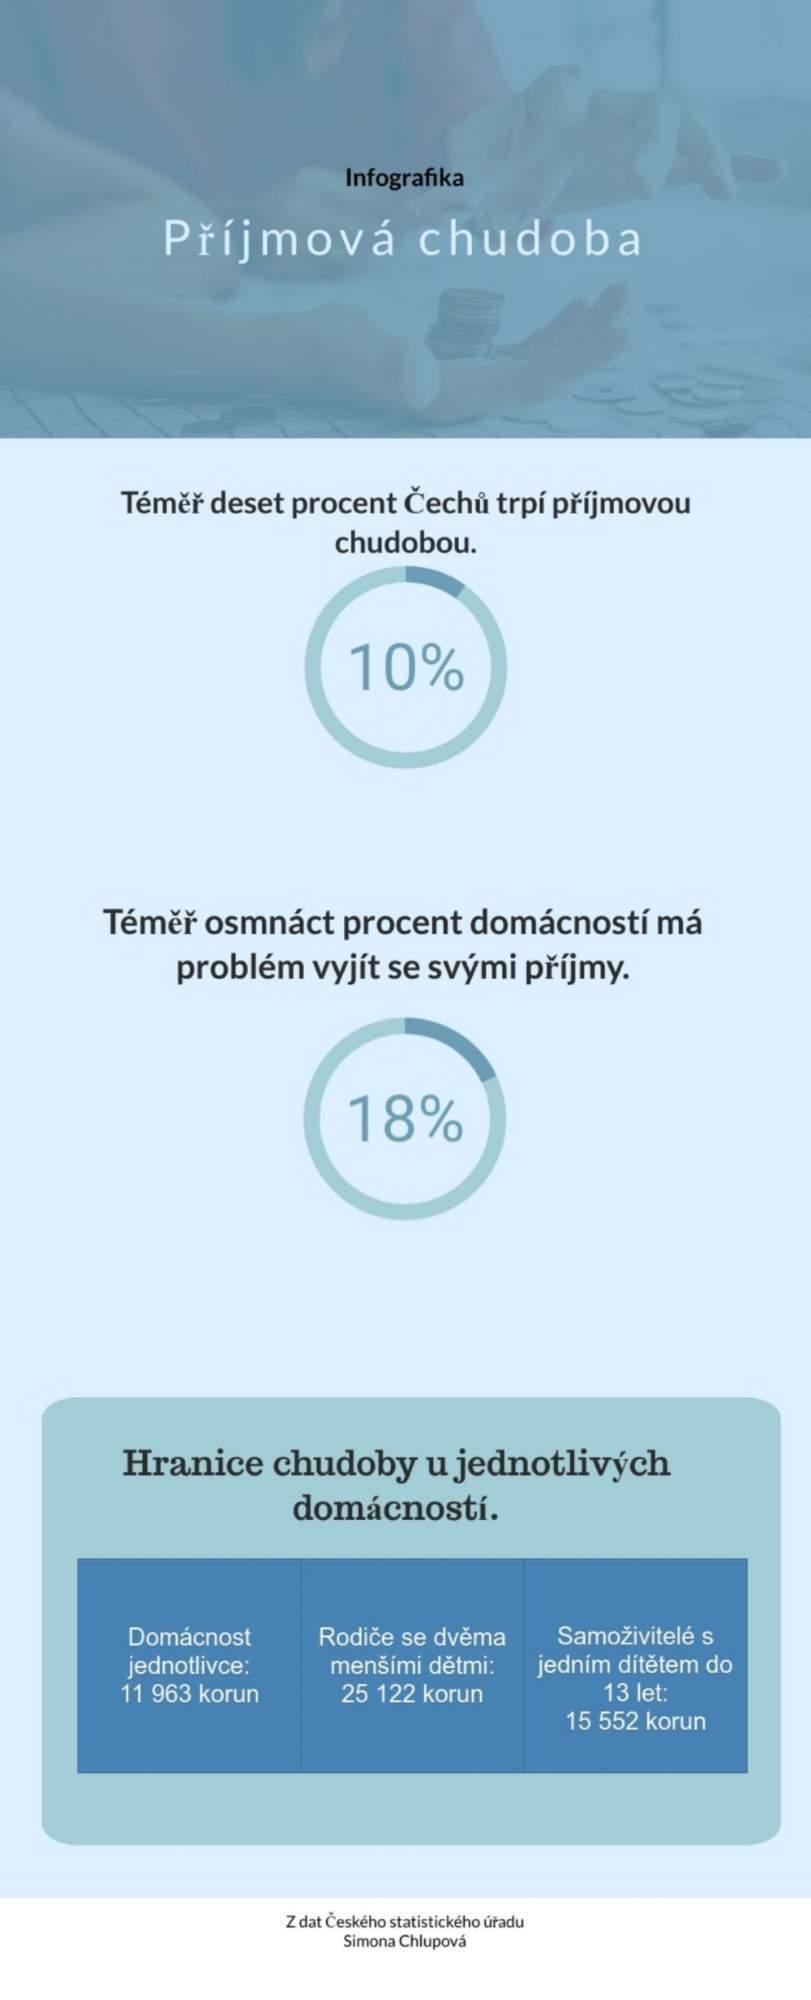 Infografika - příjmová chudoba autor: Simona Chlupová